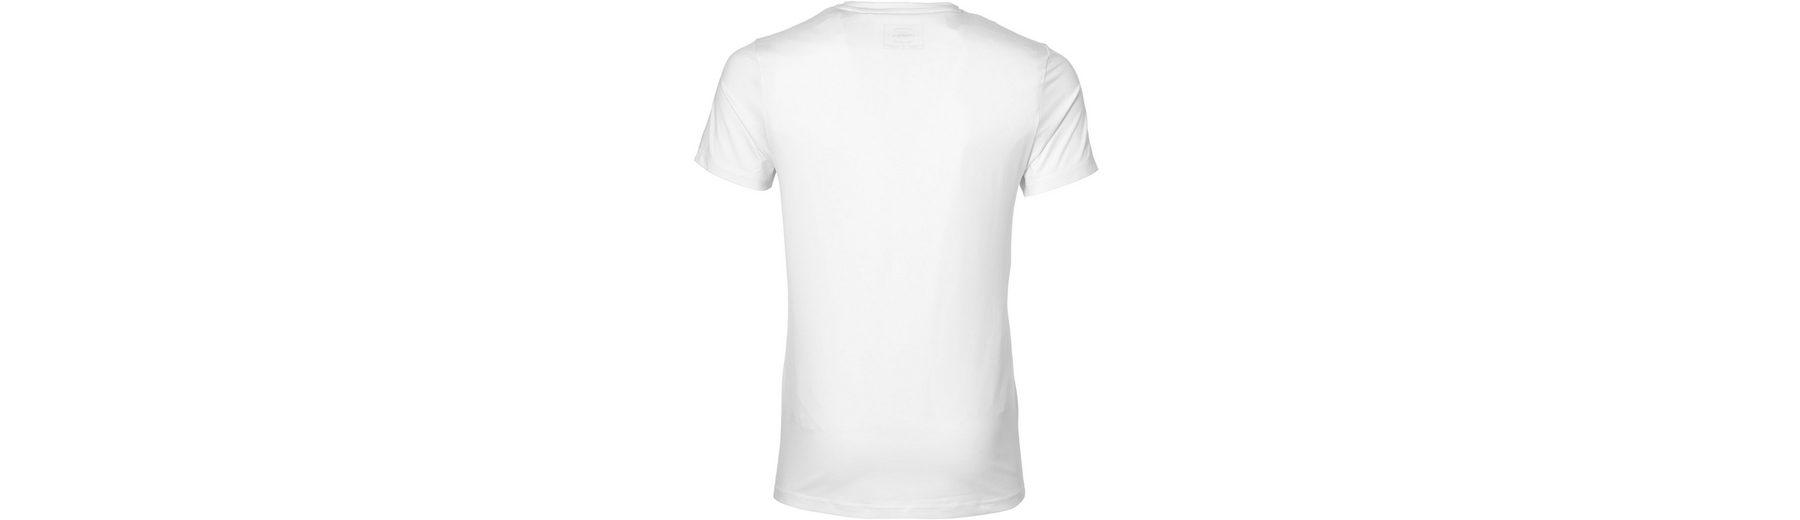 O'Neill T-Shirt Half dome hybrid Günstig Kaufen Neue Ankunft Kaufen Billig Zu Kaufen Spielraum Großhandelspreis q37MR1dD